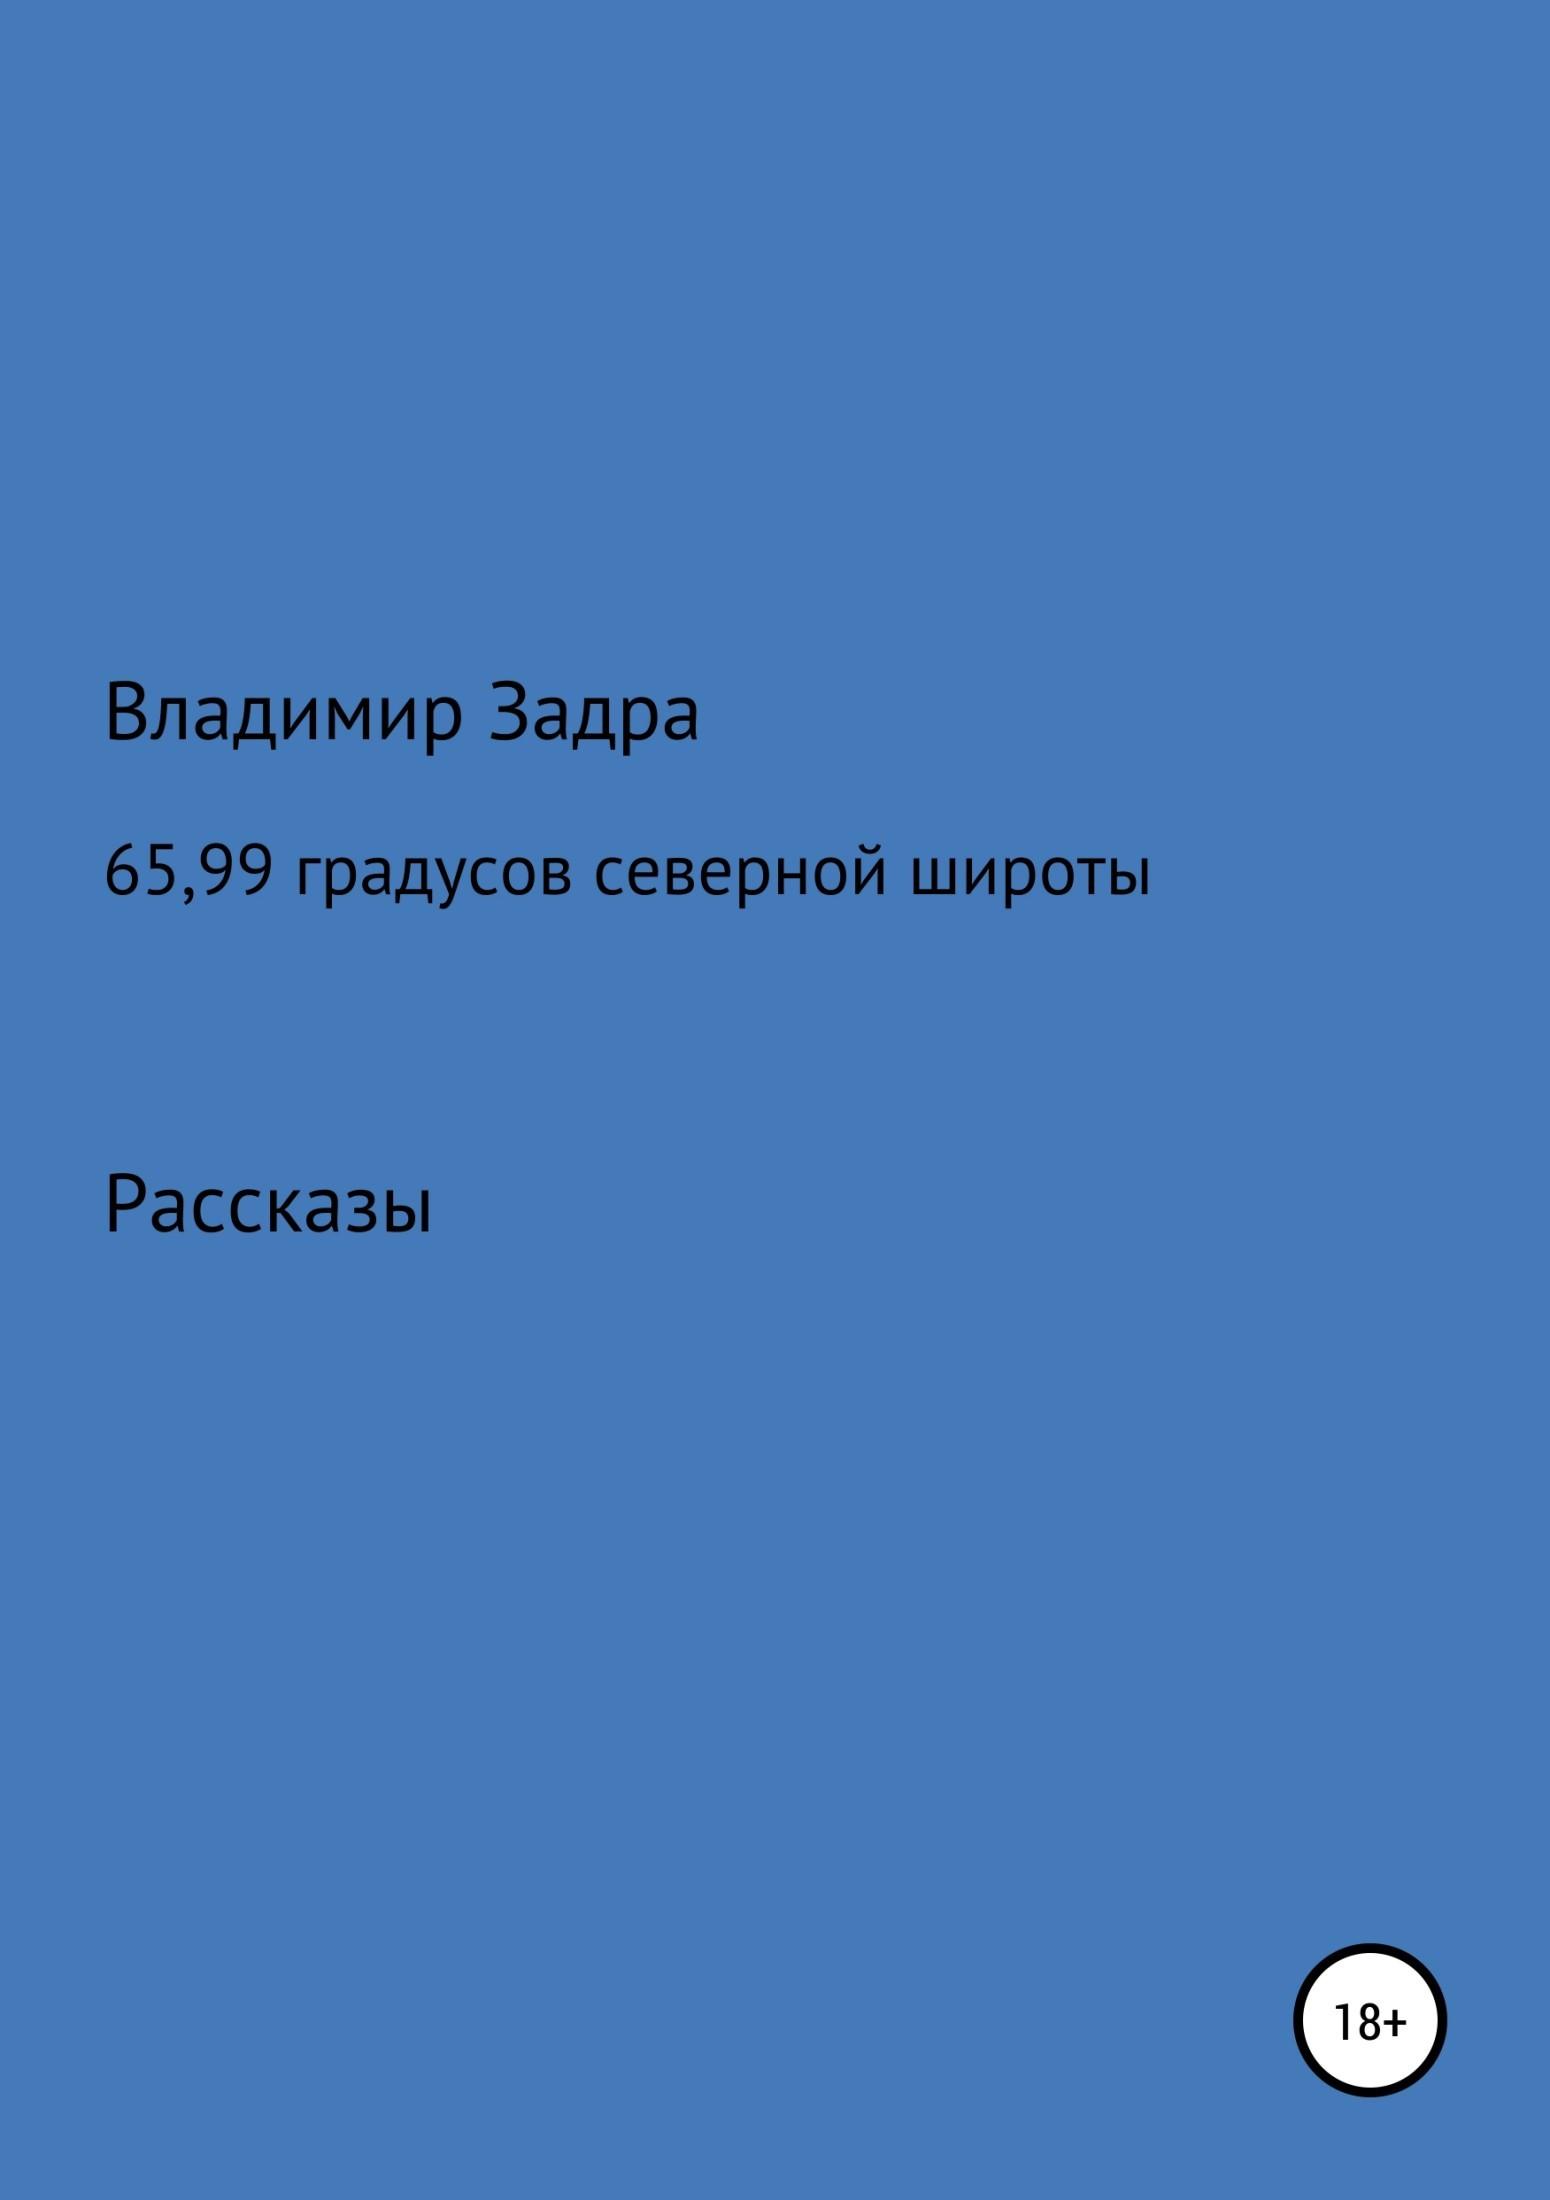 цена Владимир Задра 65,99 градусов северной широты. Сборник рассказов